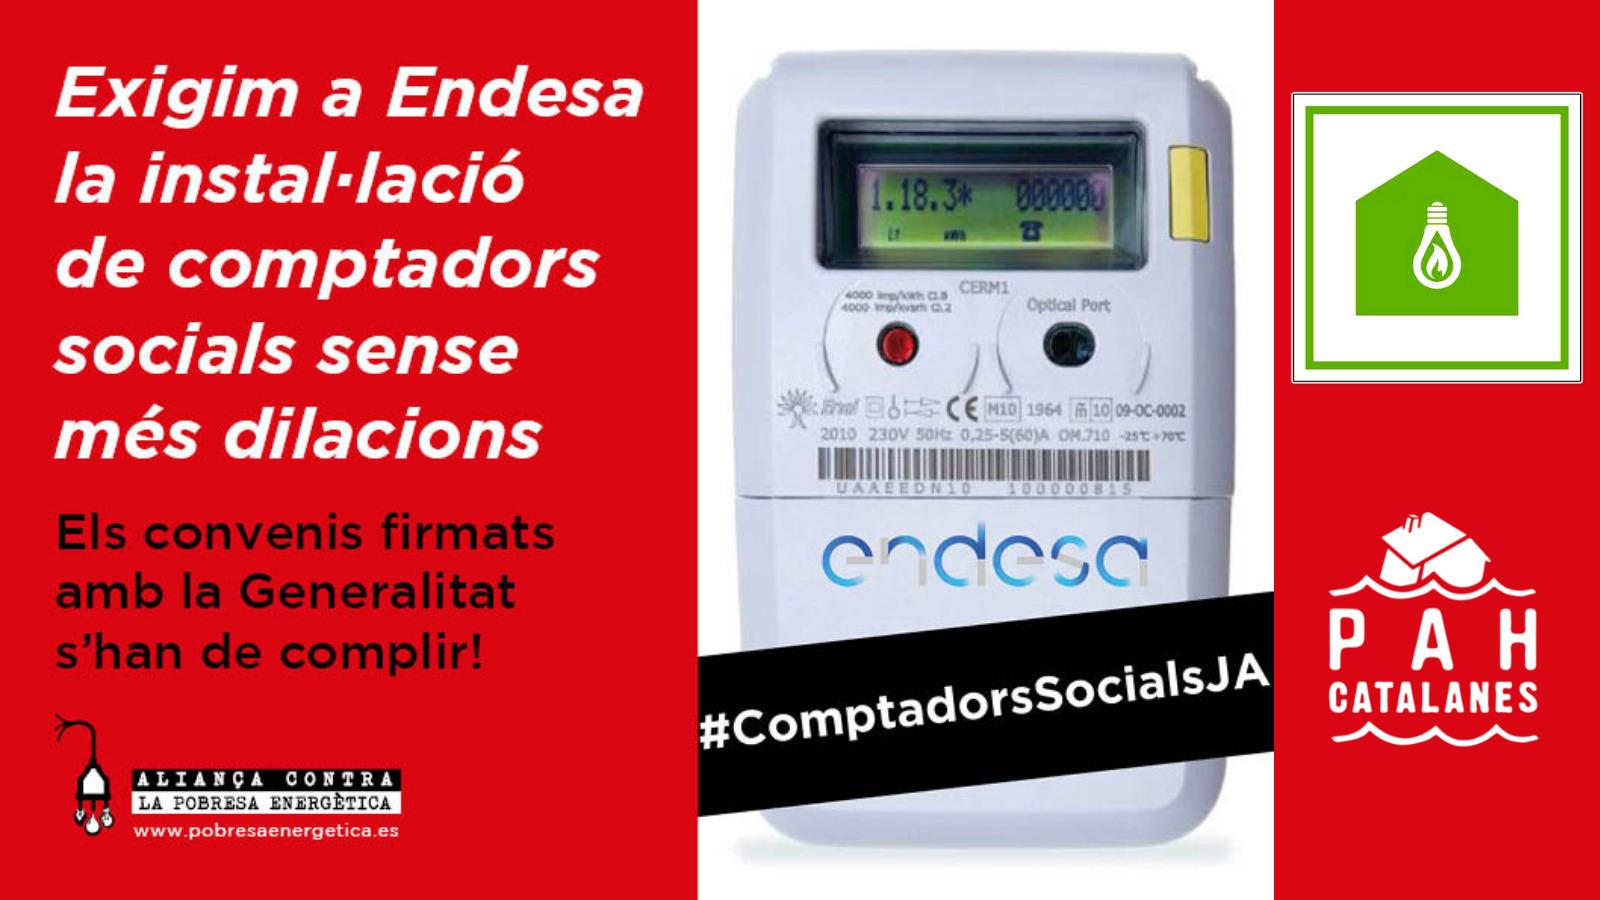 Exigim a Endesa la instal·lació de comptadors socials sense més dilacions